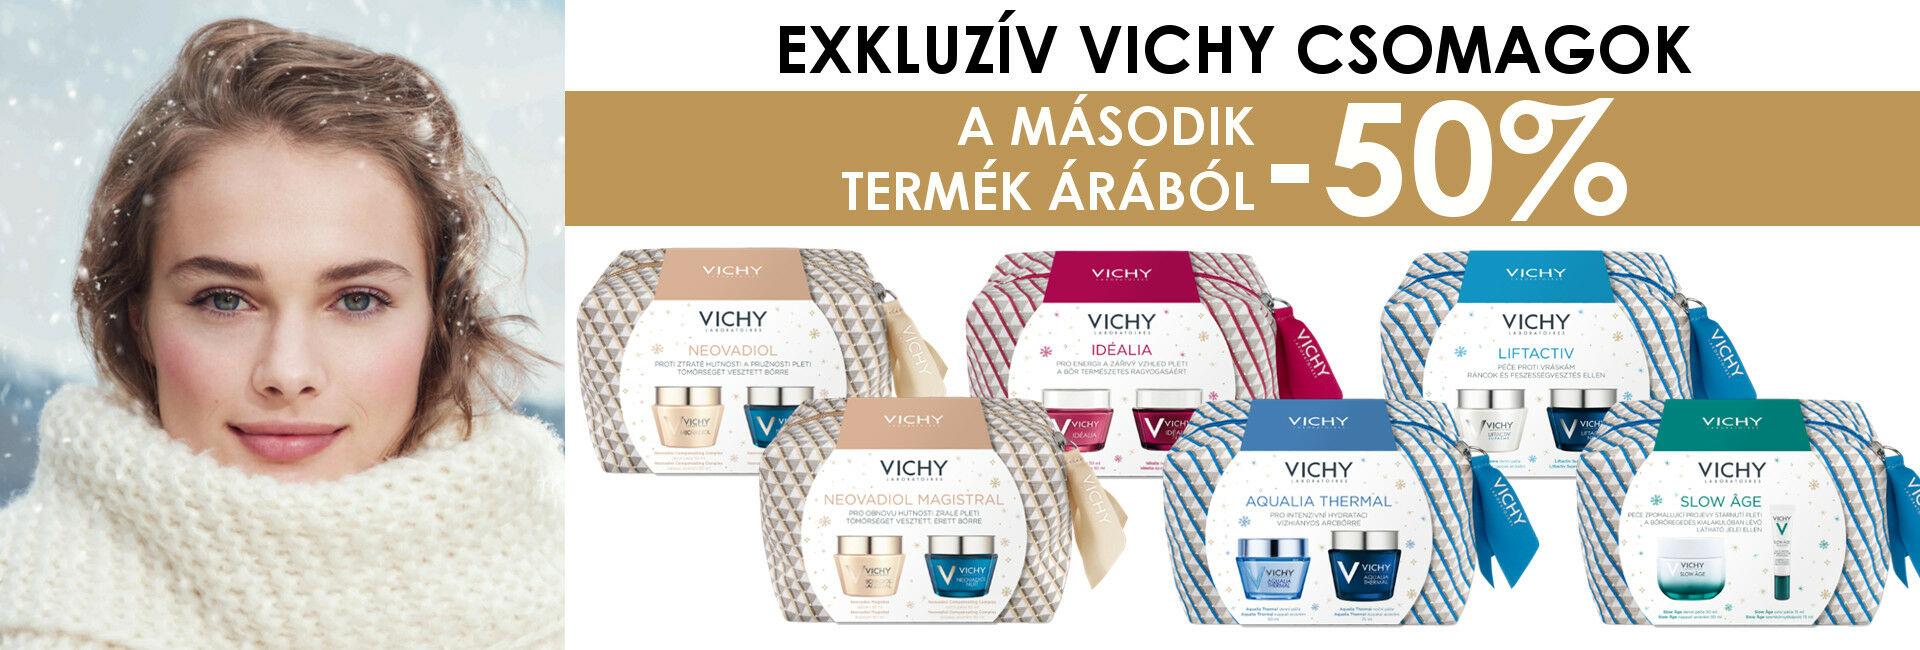 Vichy karácsonyi csomagokban a 2.termék 50% kedvezménnyel!